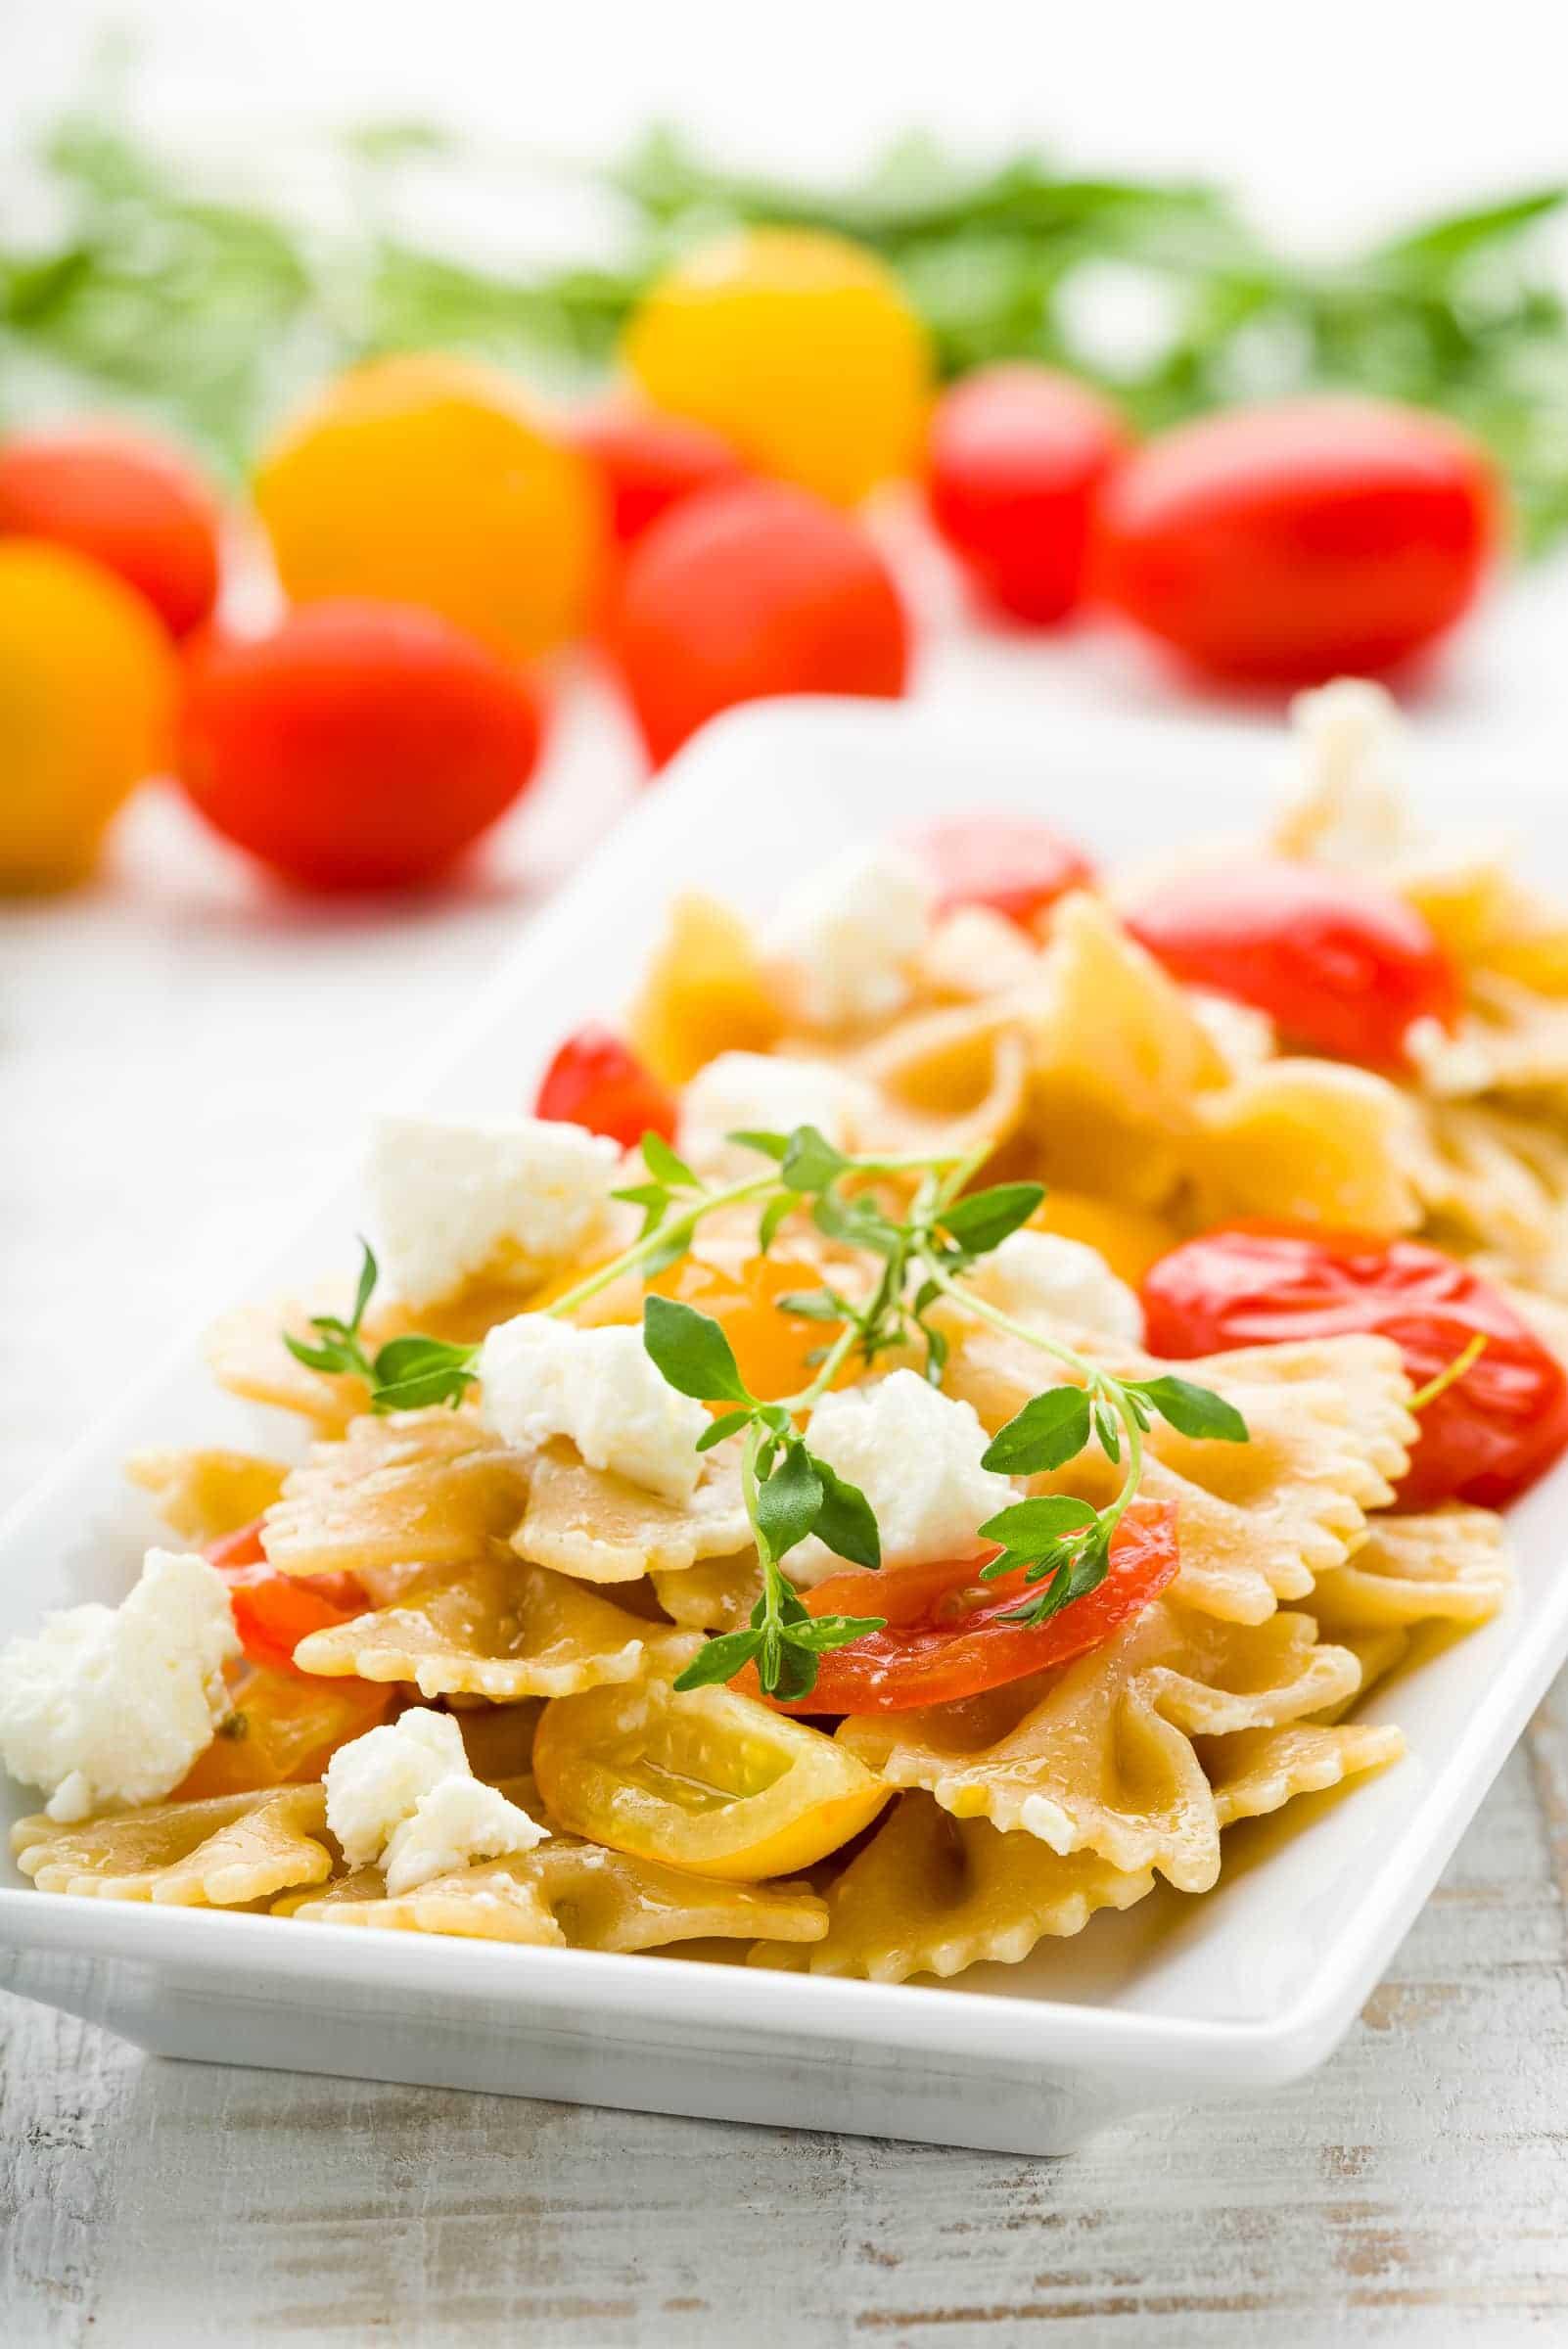 Pasta sugo pomodorini feta timo hero ricetta gnamam.com